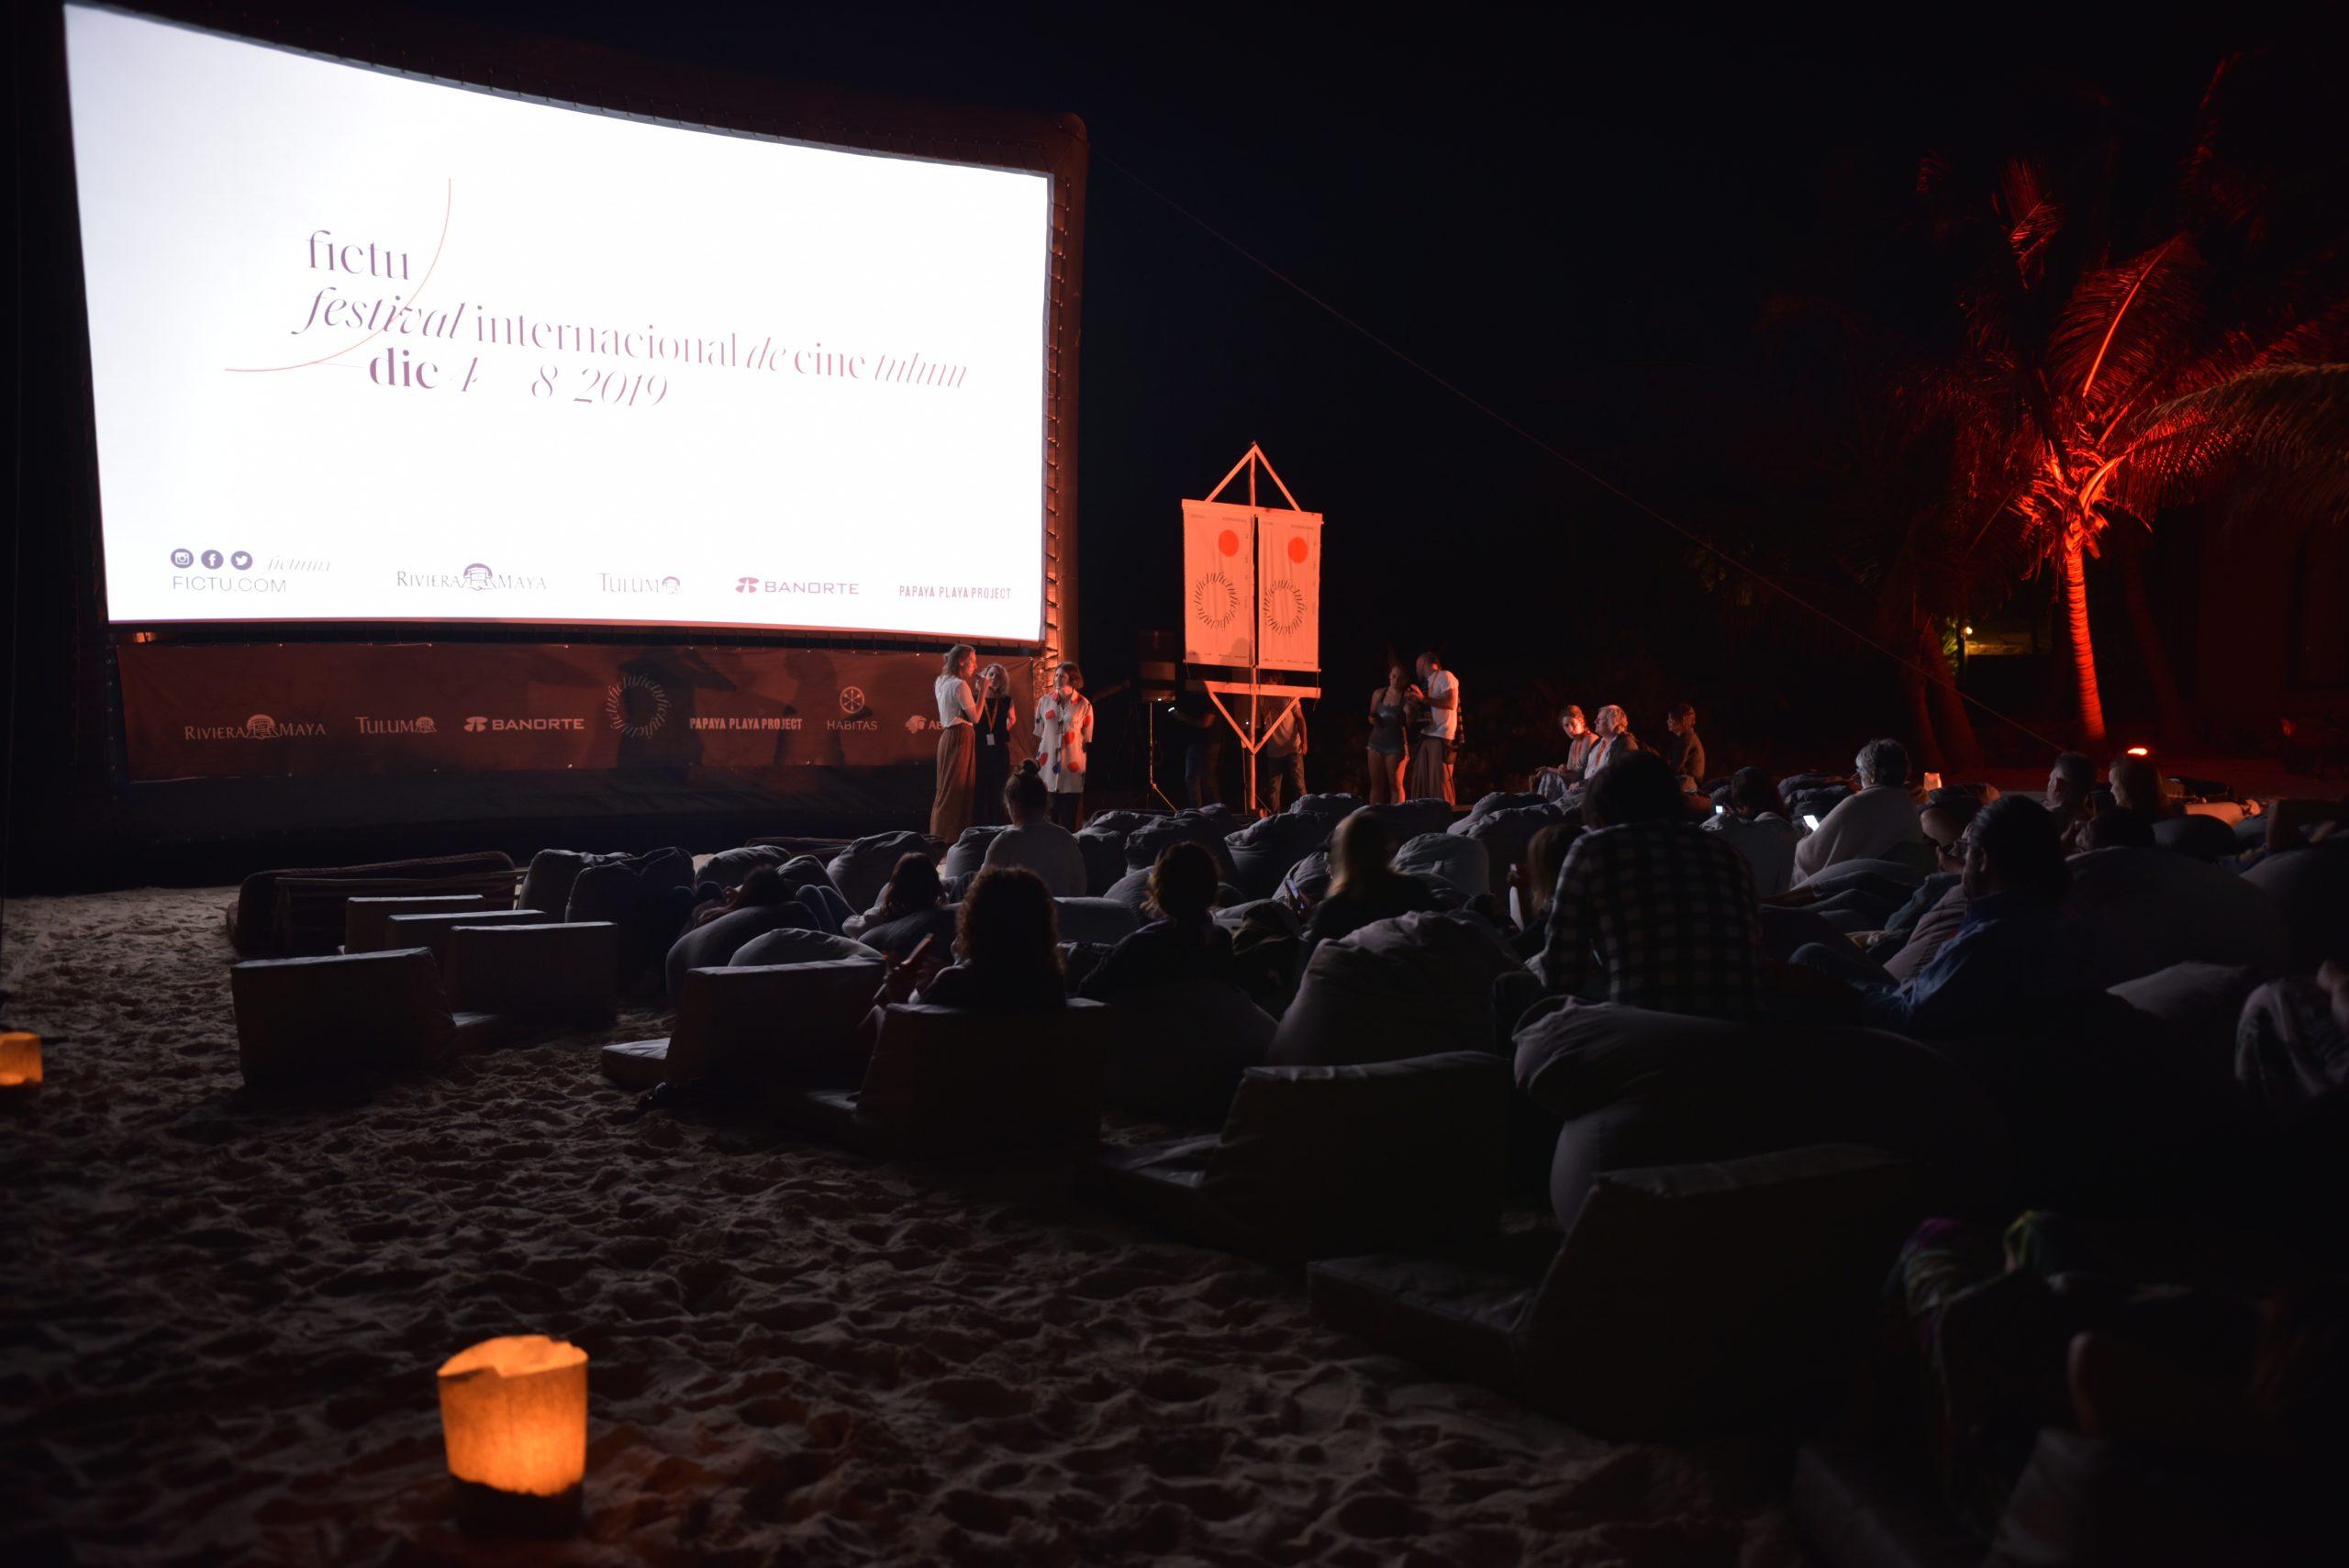 El Festival Internacional de Cine Tulum dio a conocer la programación que presentará del 4 al 8 de agosto